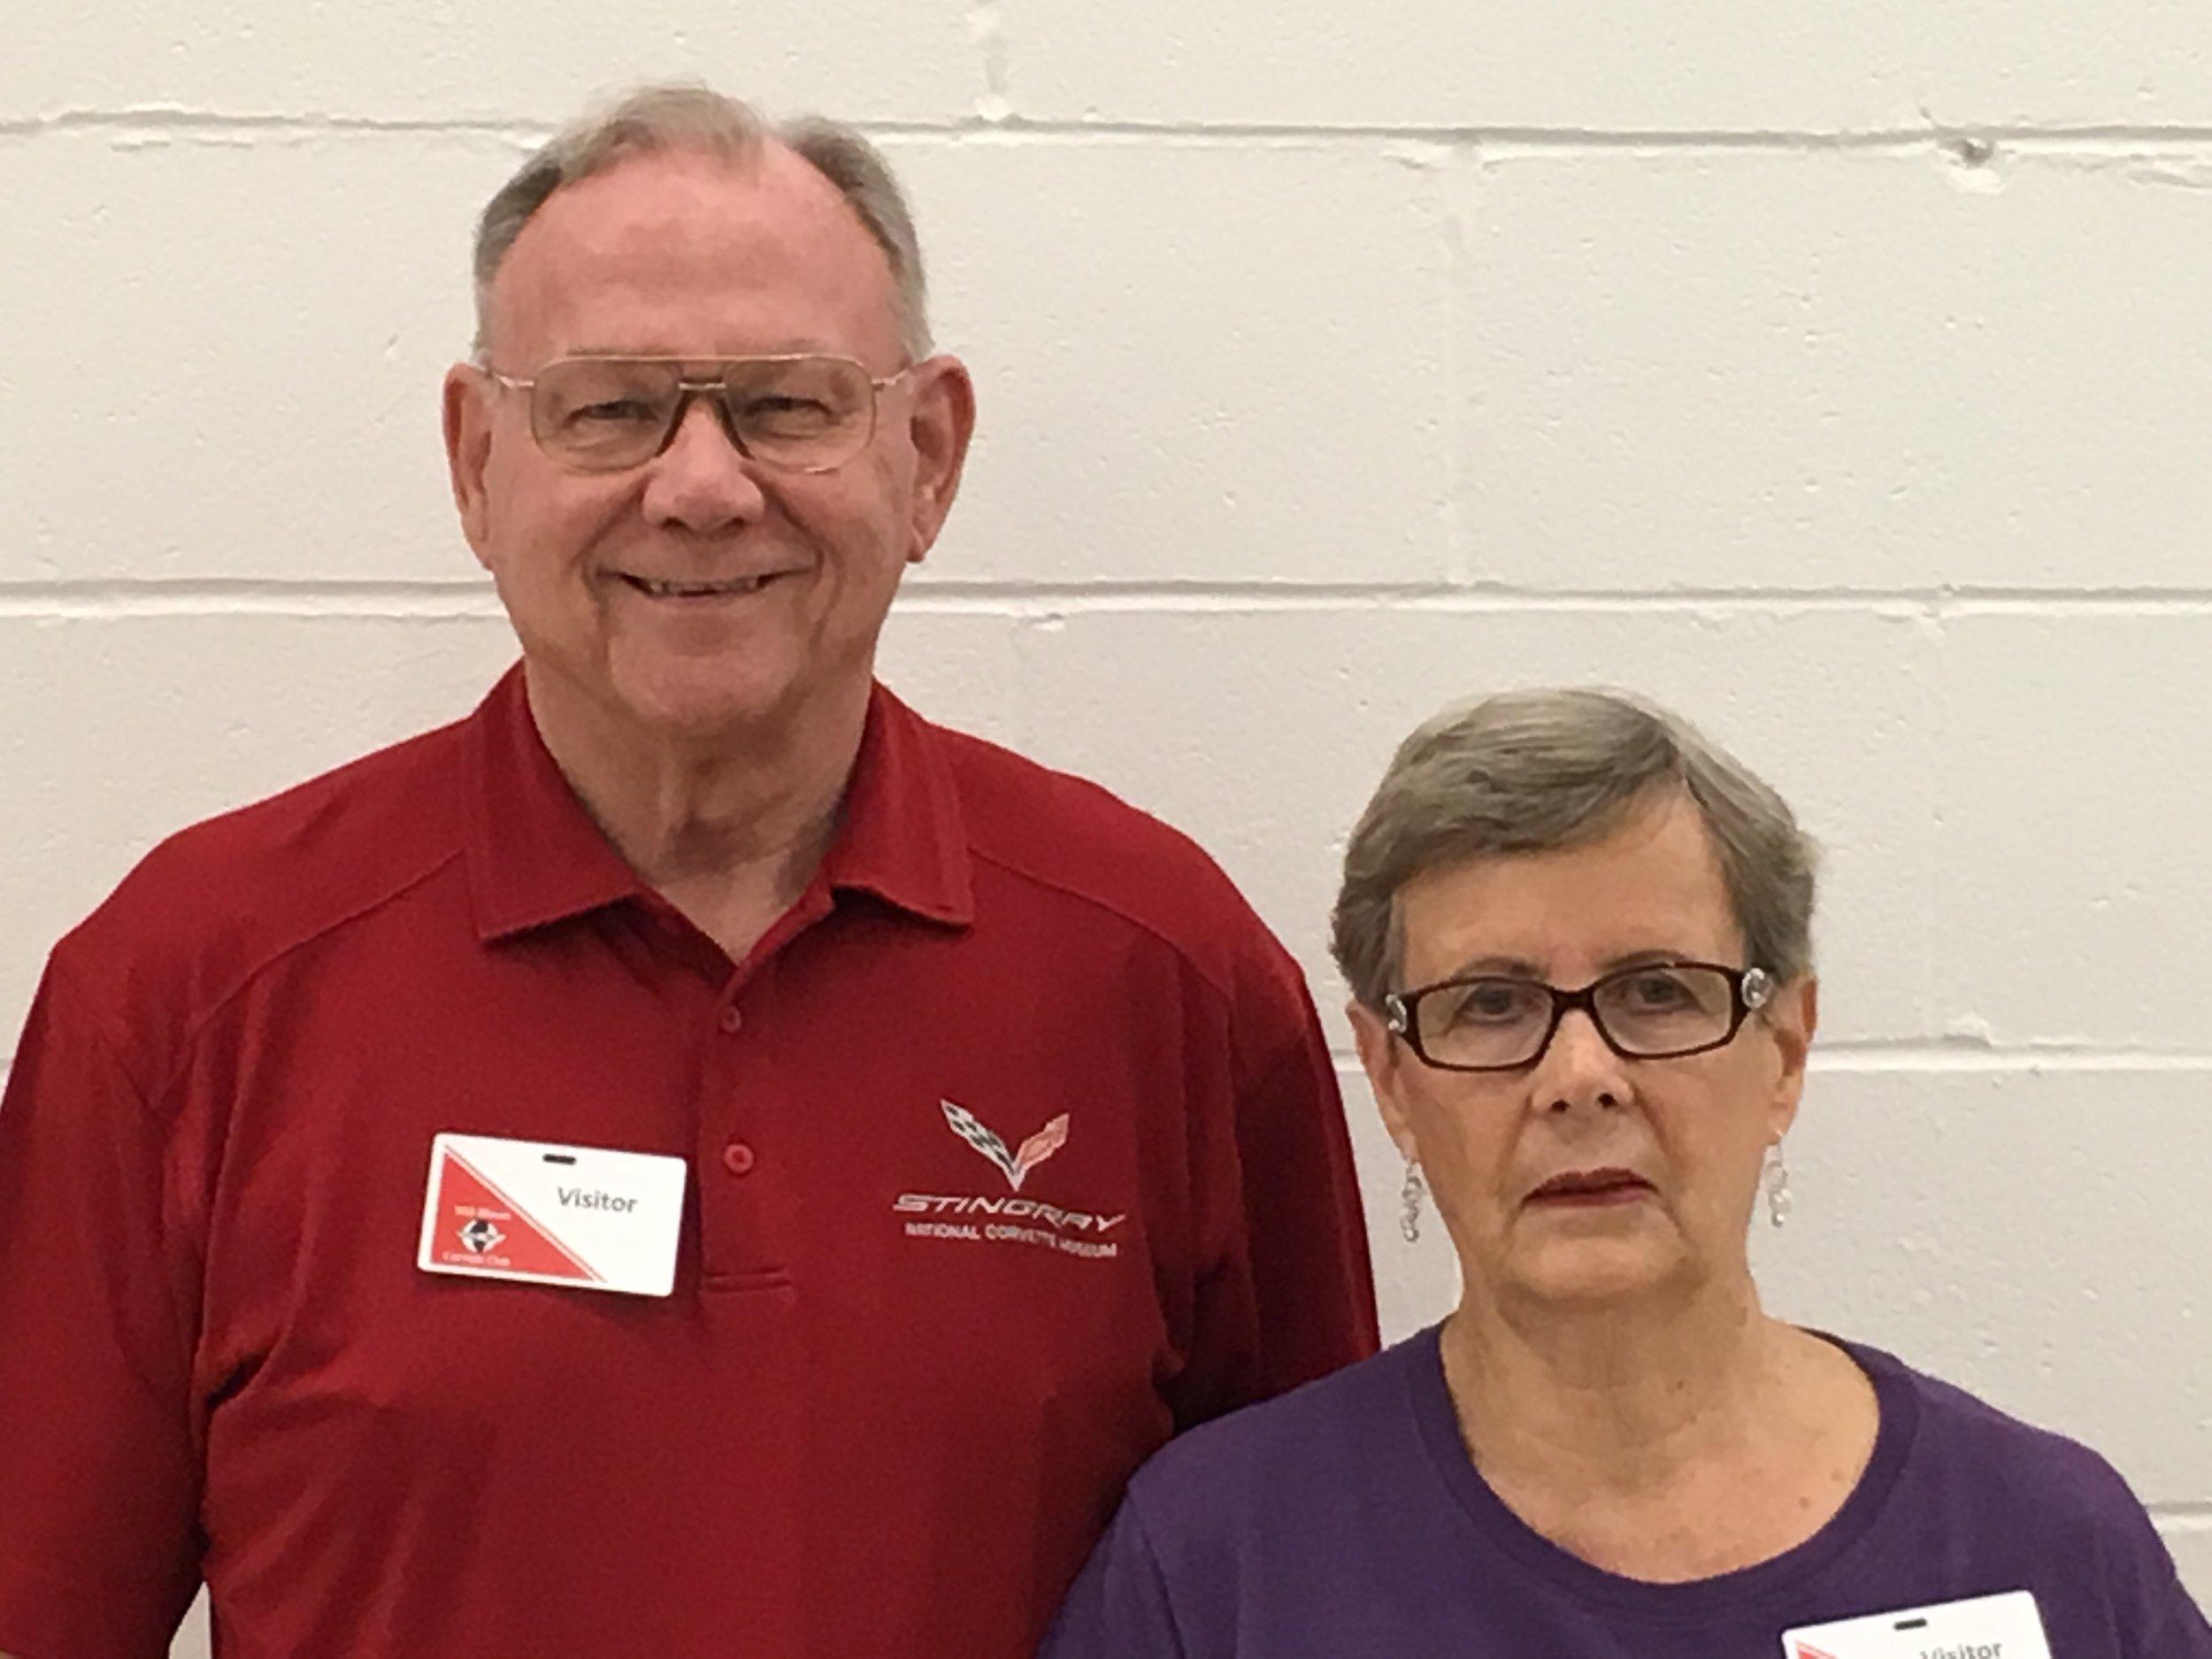 Steve & Judy McWilliams